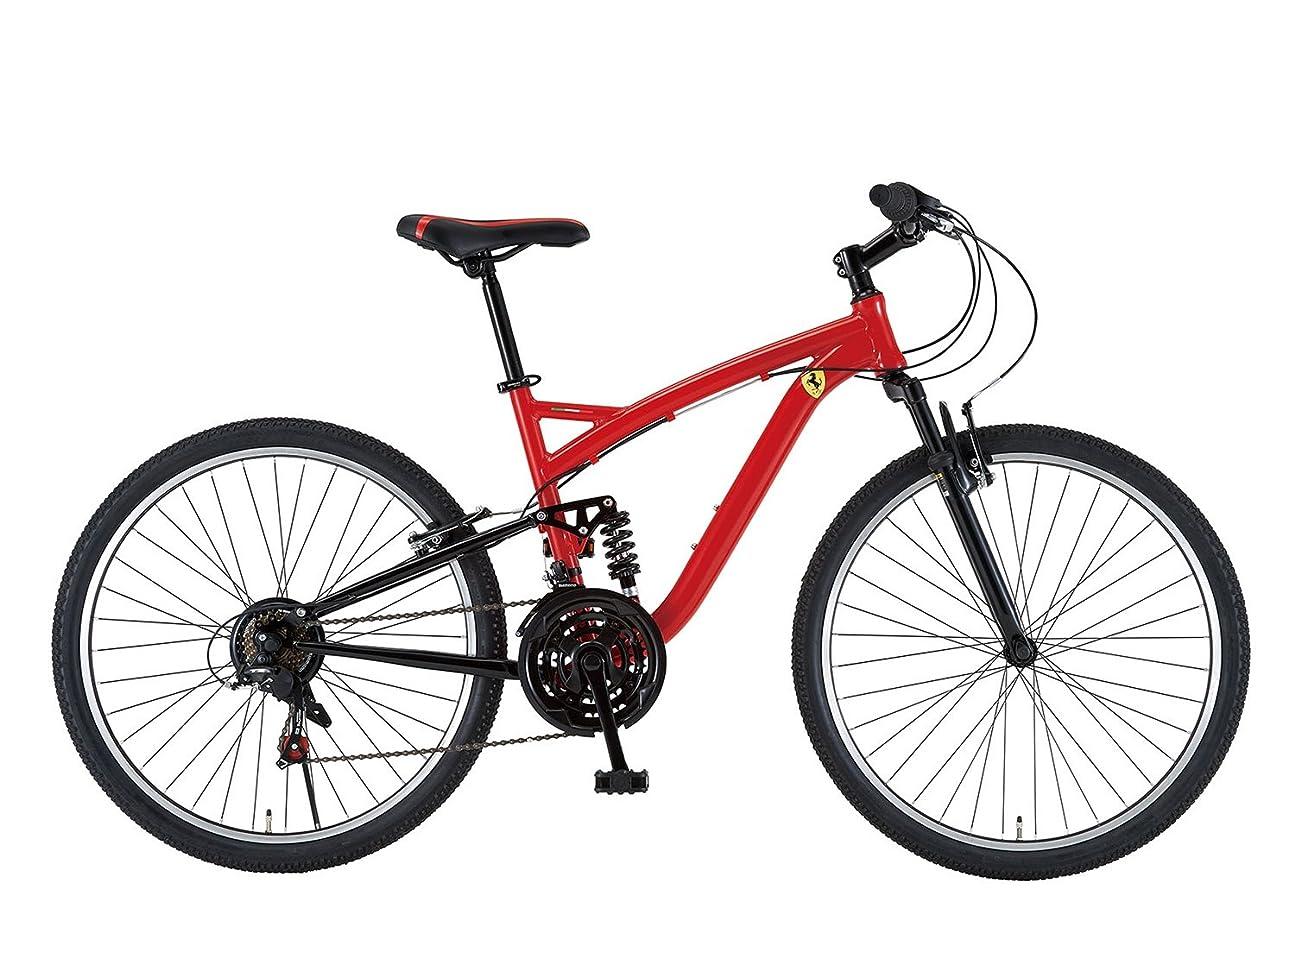 ラウズ知恵オンVTSP 新品 MTB 688 26インチ 自転車 マウンテンバイク シマノ21段変速 アルミフレーム ディスクブレーキ プレゼント 通勤 通学